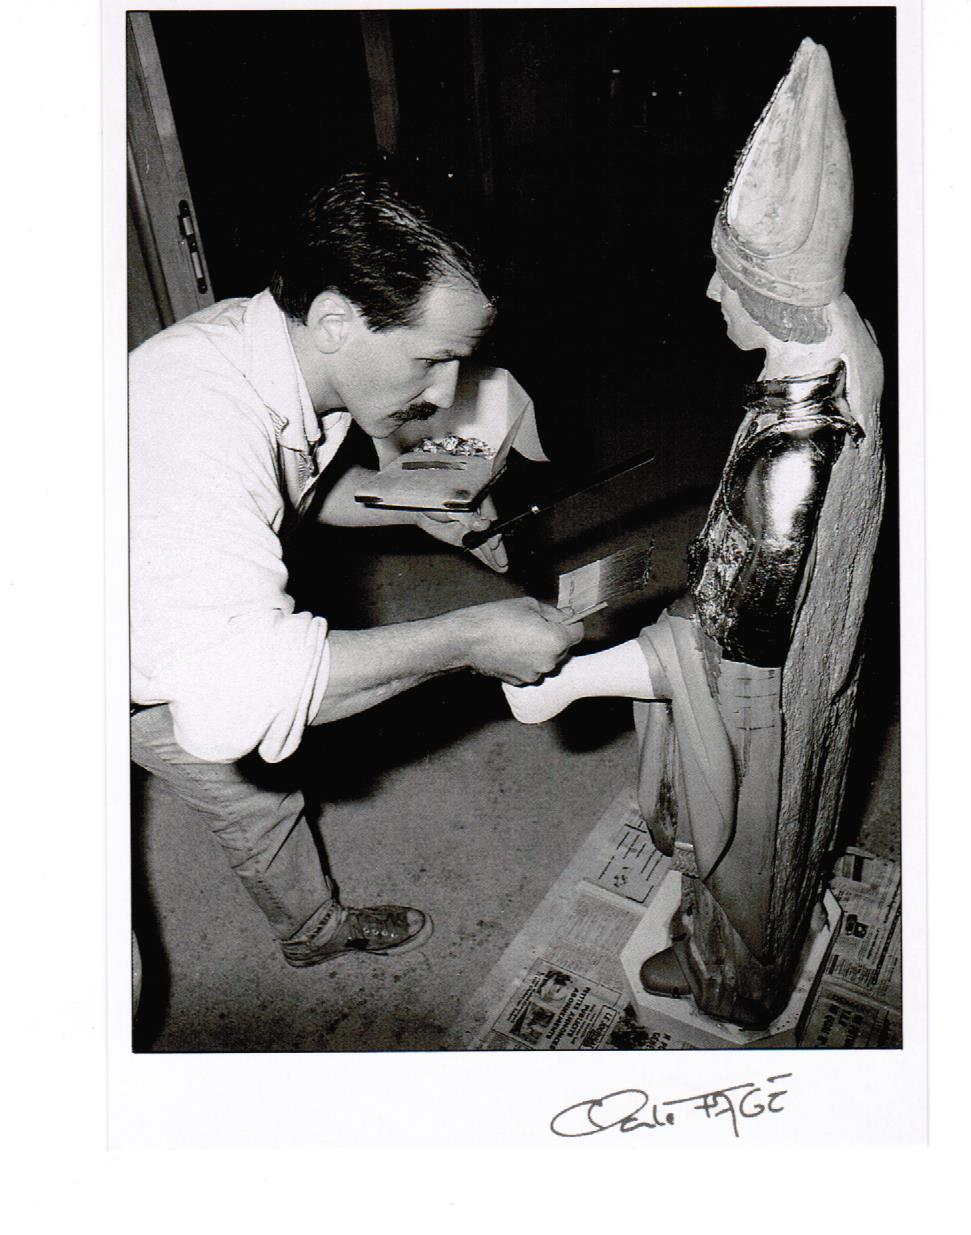 Déroulement d'un travail de restauration en dorure d'une statue de Saint Clair par Bertrand Lotteau, qui après différents stages (8 ans de formation) chez des Maîtres Doreurs-Laqueurs, s'est installé en 1989 à Vaux en Pré en Saône-et-Loire.  La quatrième phase est la pose des feuilles d'or. Photographie de Claude Fagé, 1992. Archivage atelier Or Cadre, Laetitia Nicolas, Lodève.